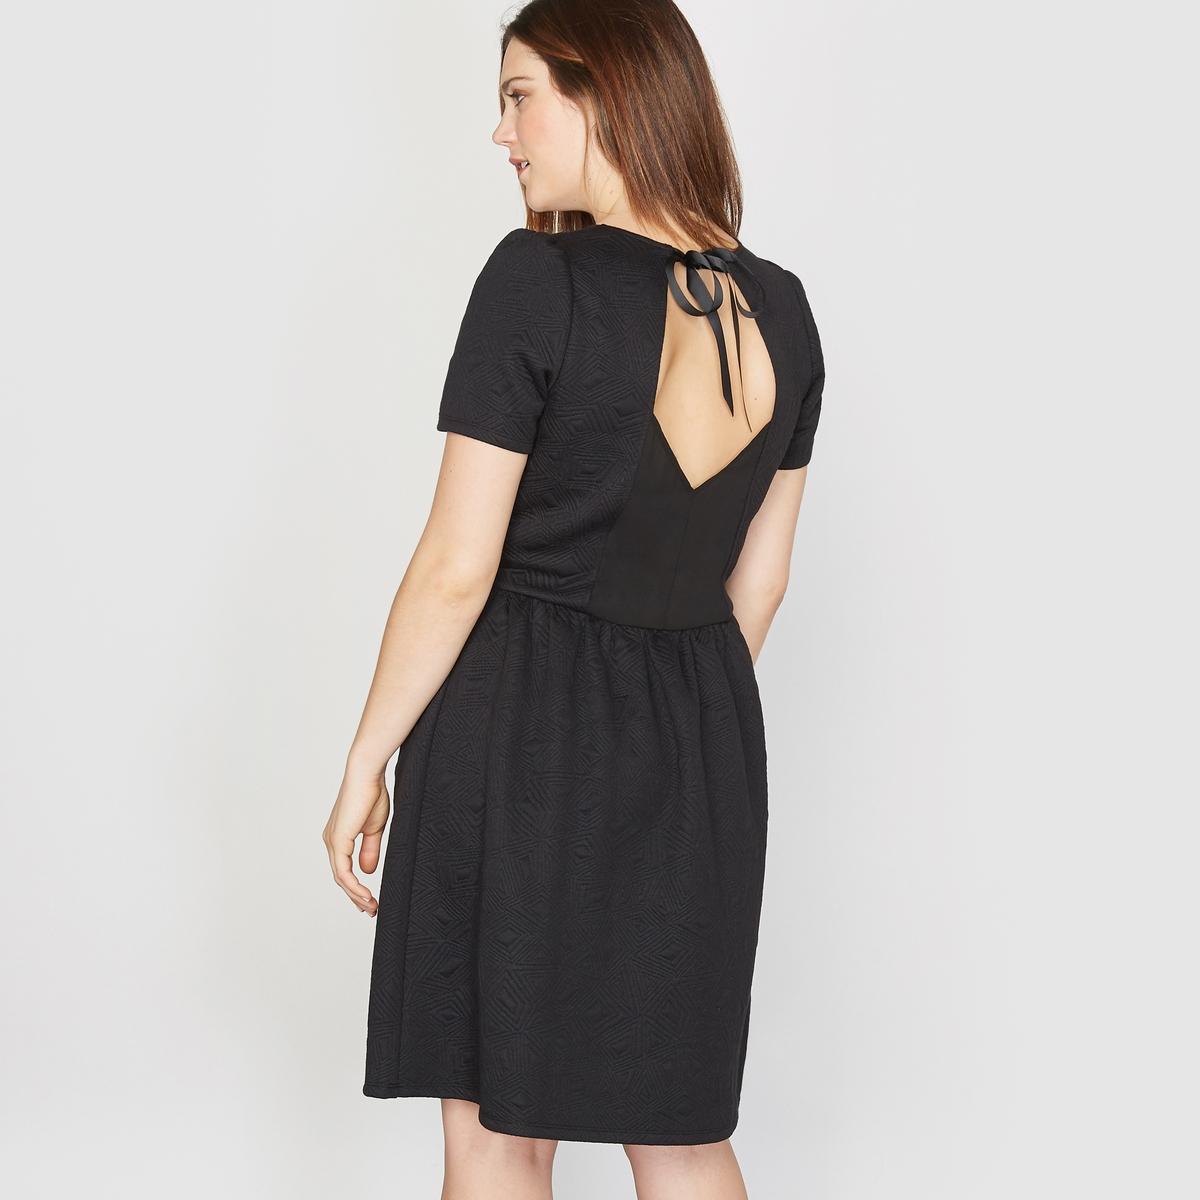 Платье из рельефного трикотажаСостав и описание :Материал : рельефный трикотаж 98% полиэстера, 2% эластана.Длина : 92 см.Марка : CASTALUNAУход : Машинная стирка при 30 °C.<br><br>Цвет: красный,черный<br>Размер: 46 (FR) - 52 (RUS)